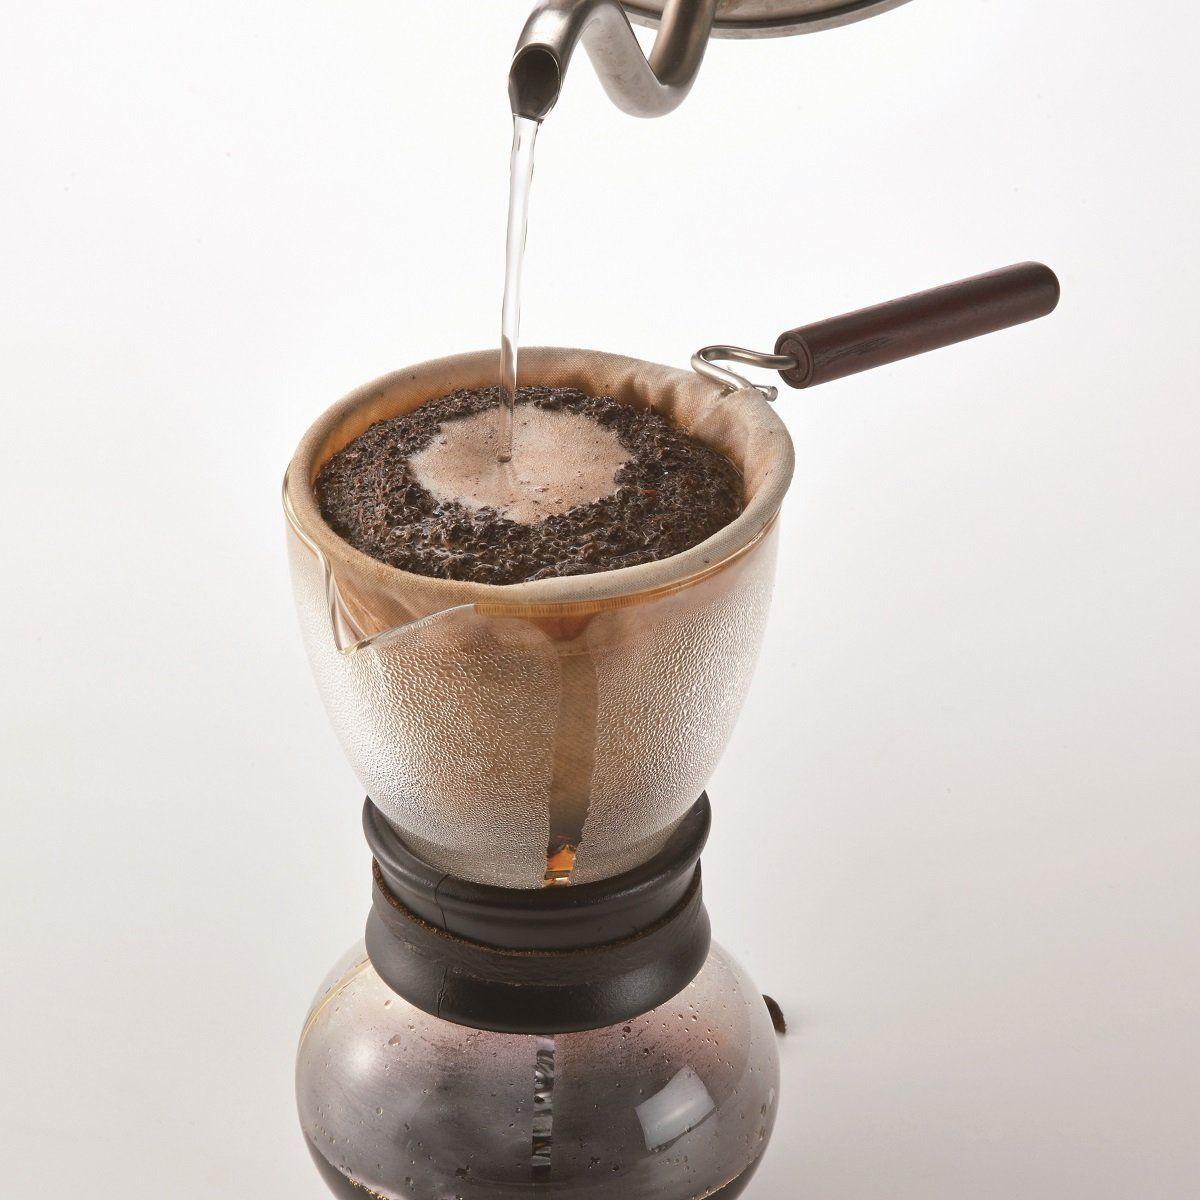 Cafeteira Hario em vidro com coador em tecido - 480 ml - DPW-3